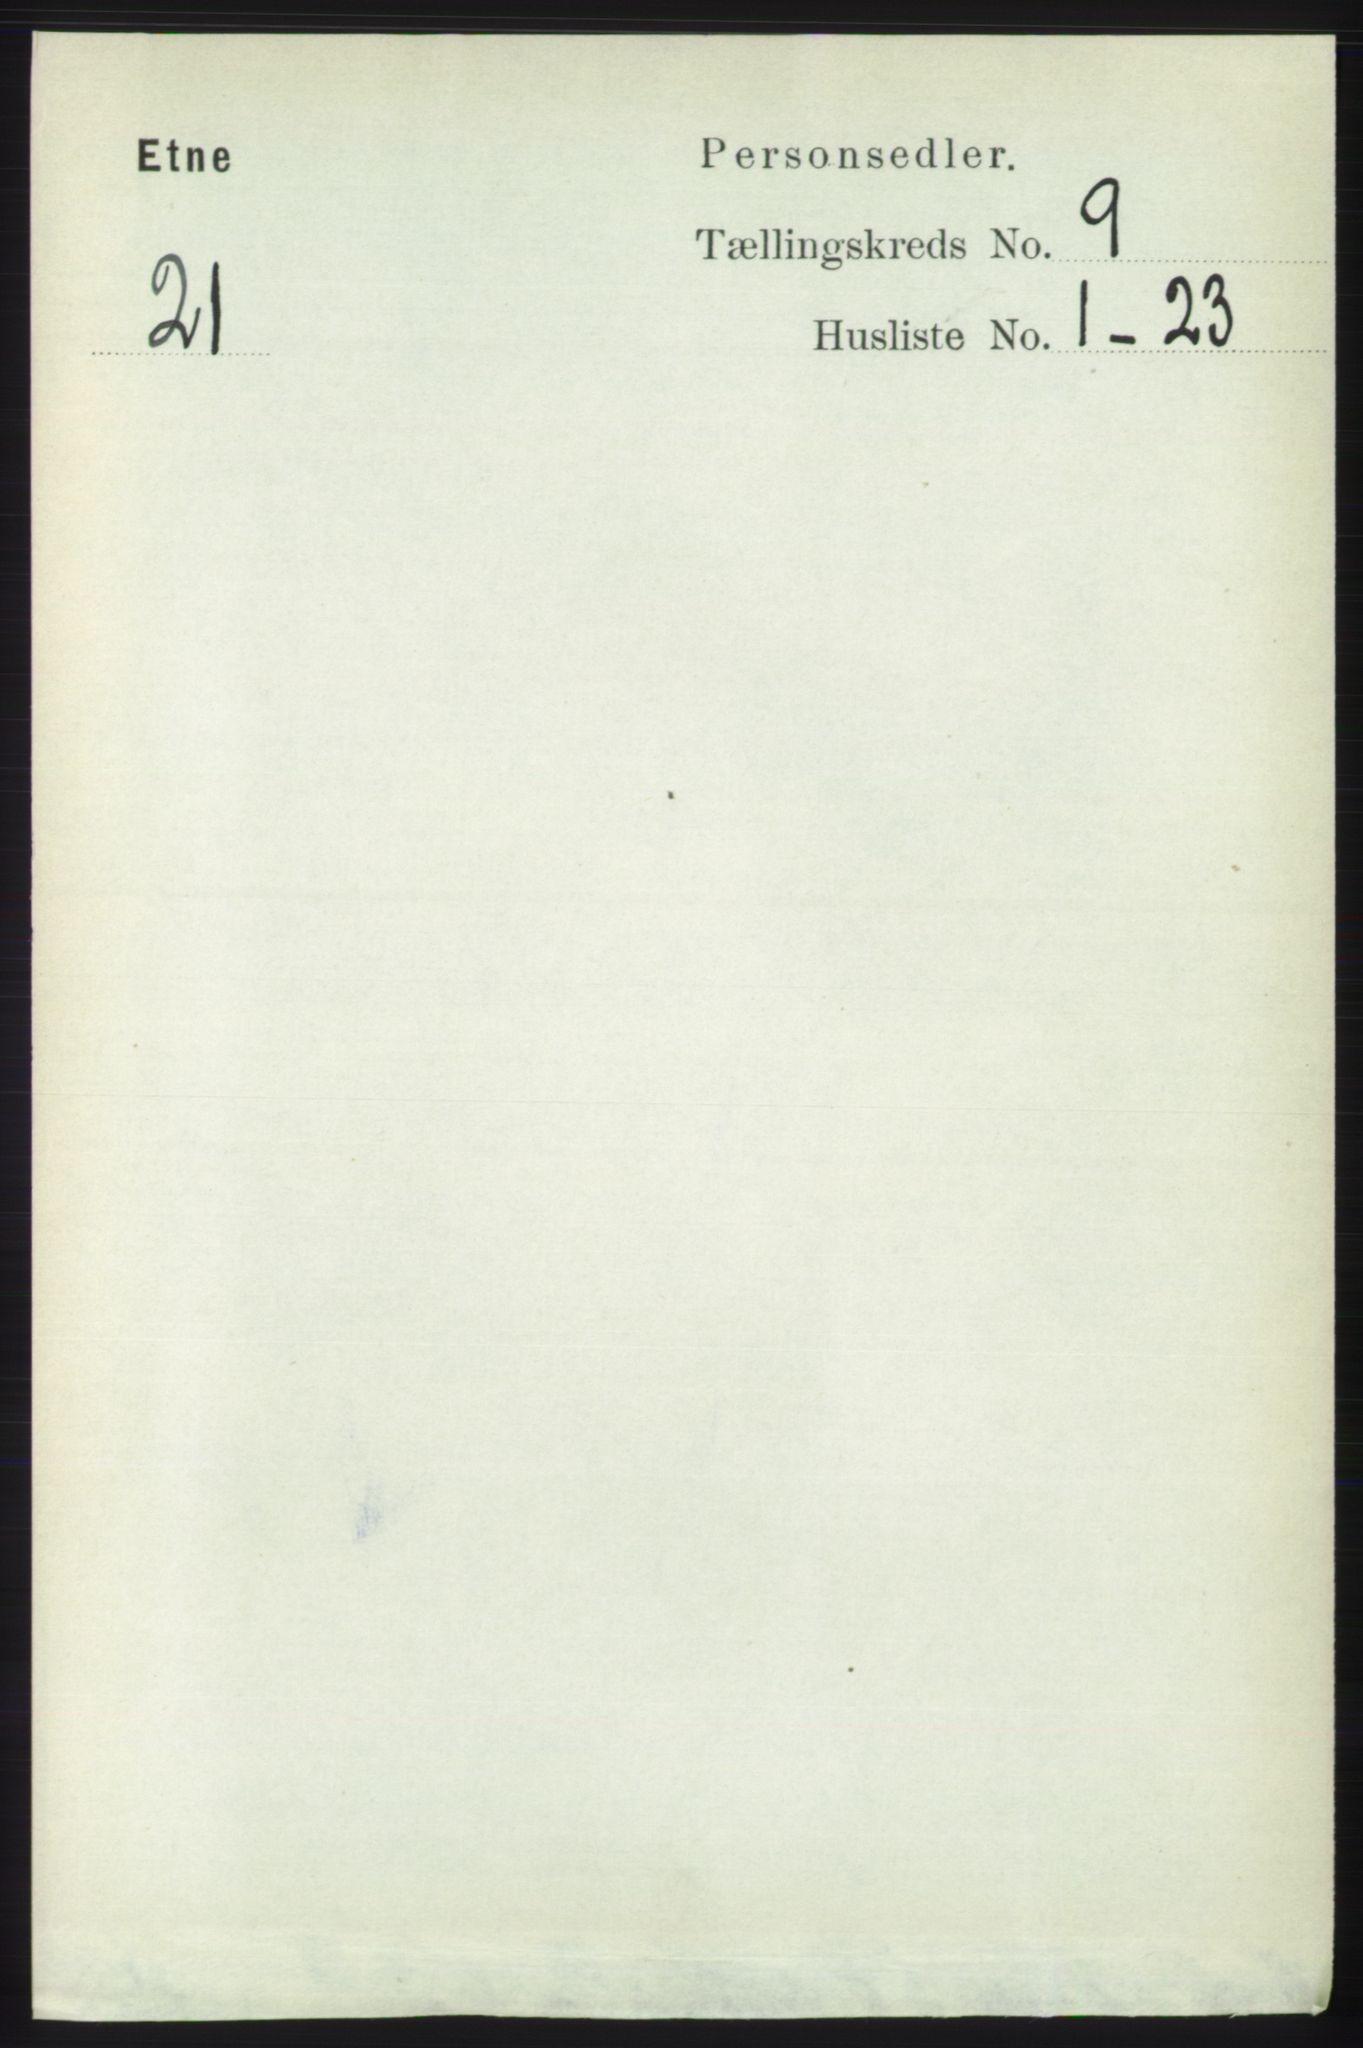 RA, Folketelling 1891 for 1211 Etne herred, 1891, s. 1713